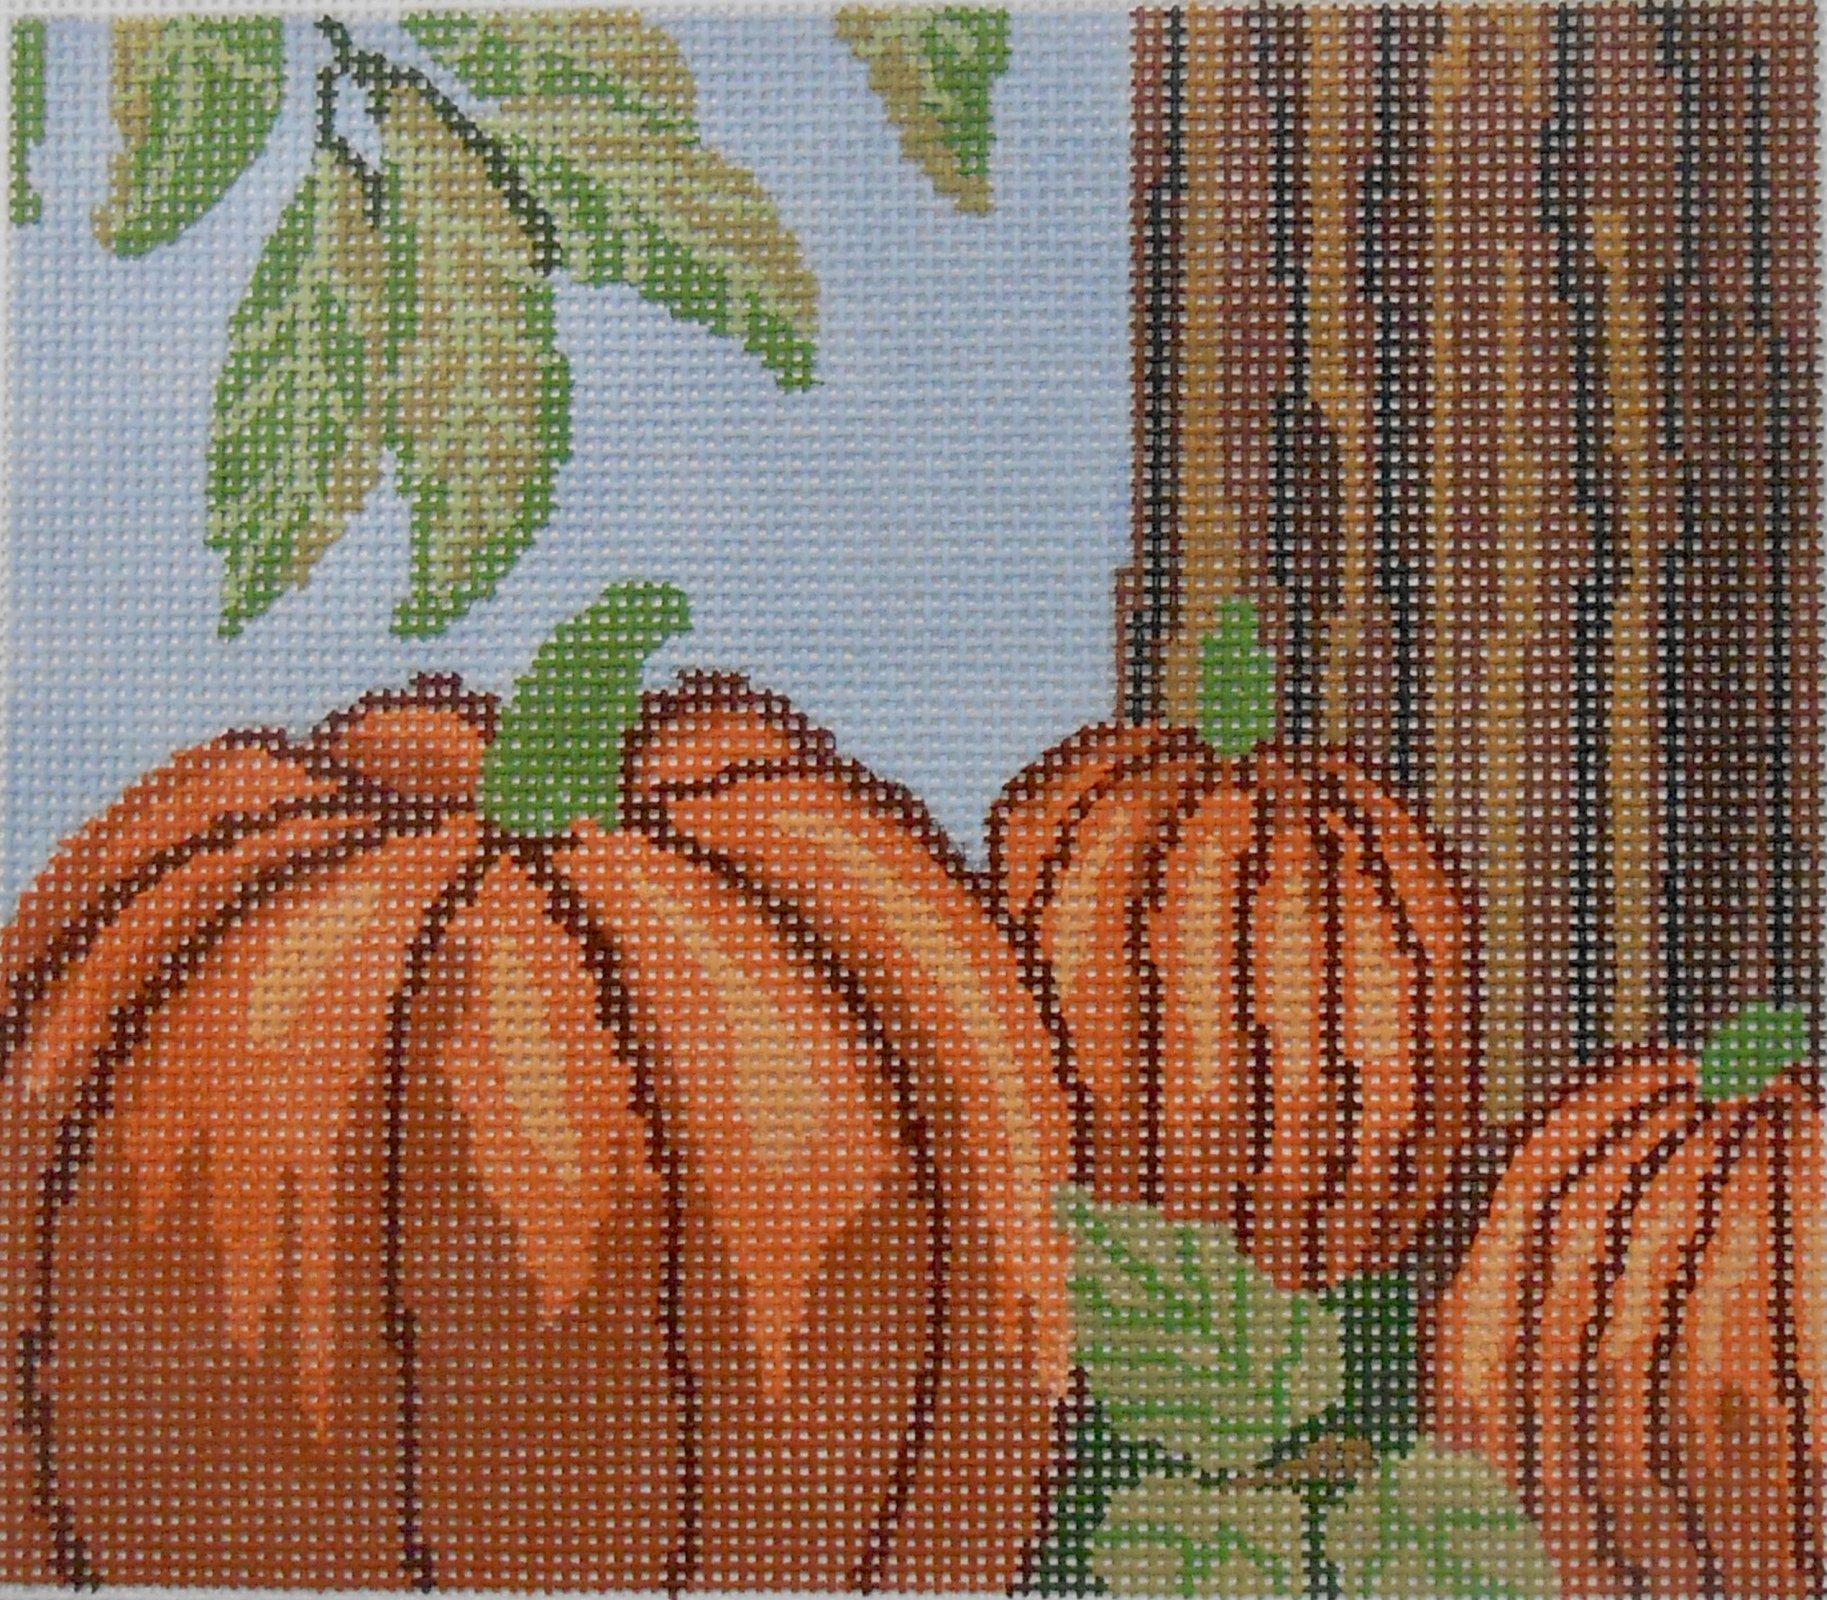 Three Pumpkins at Tree Trunk